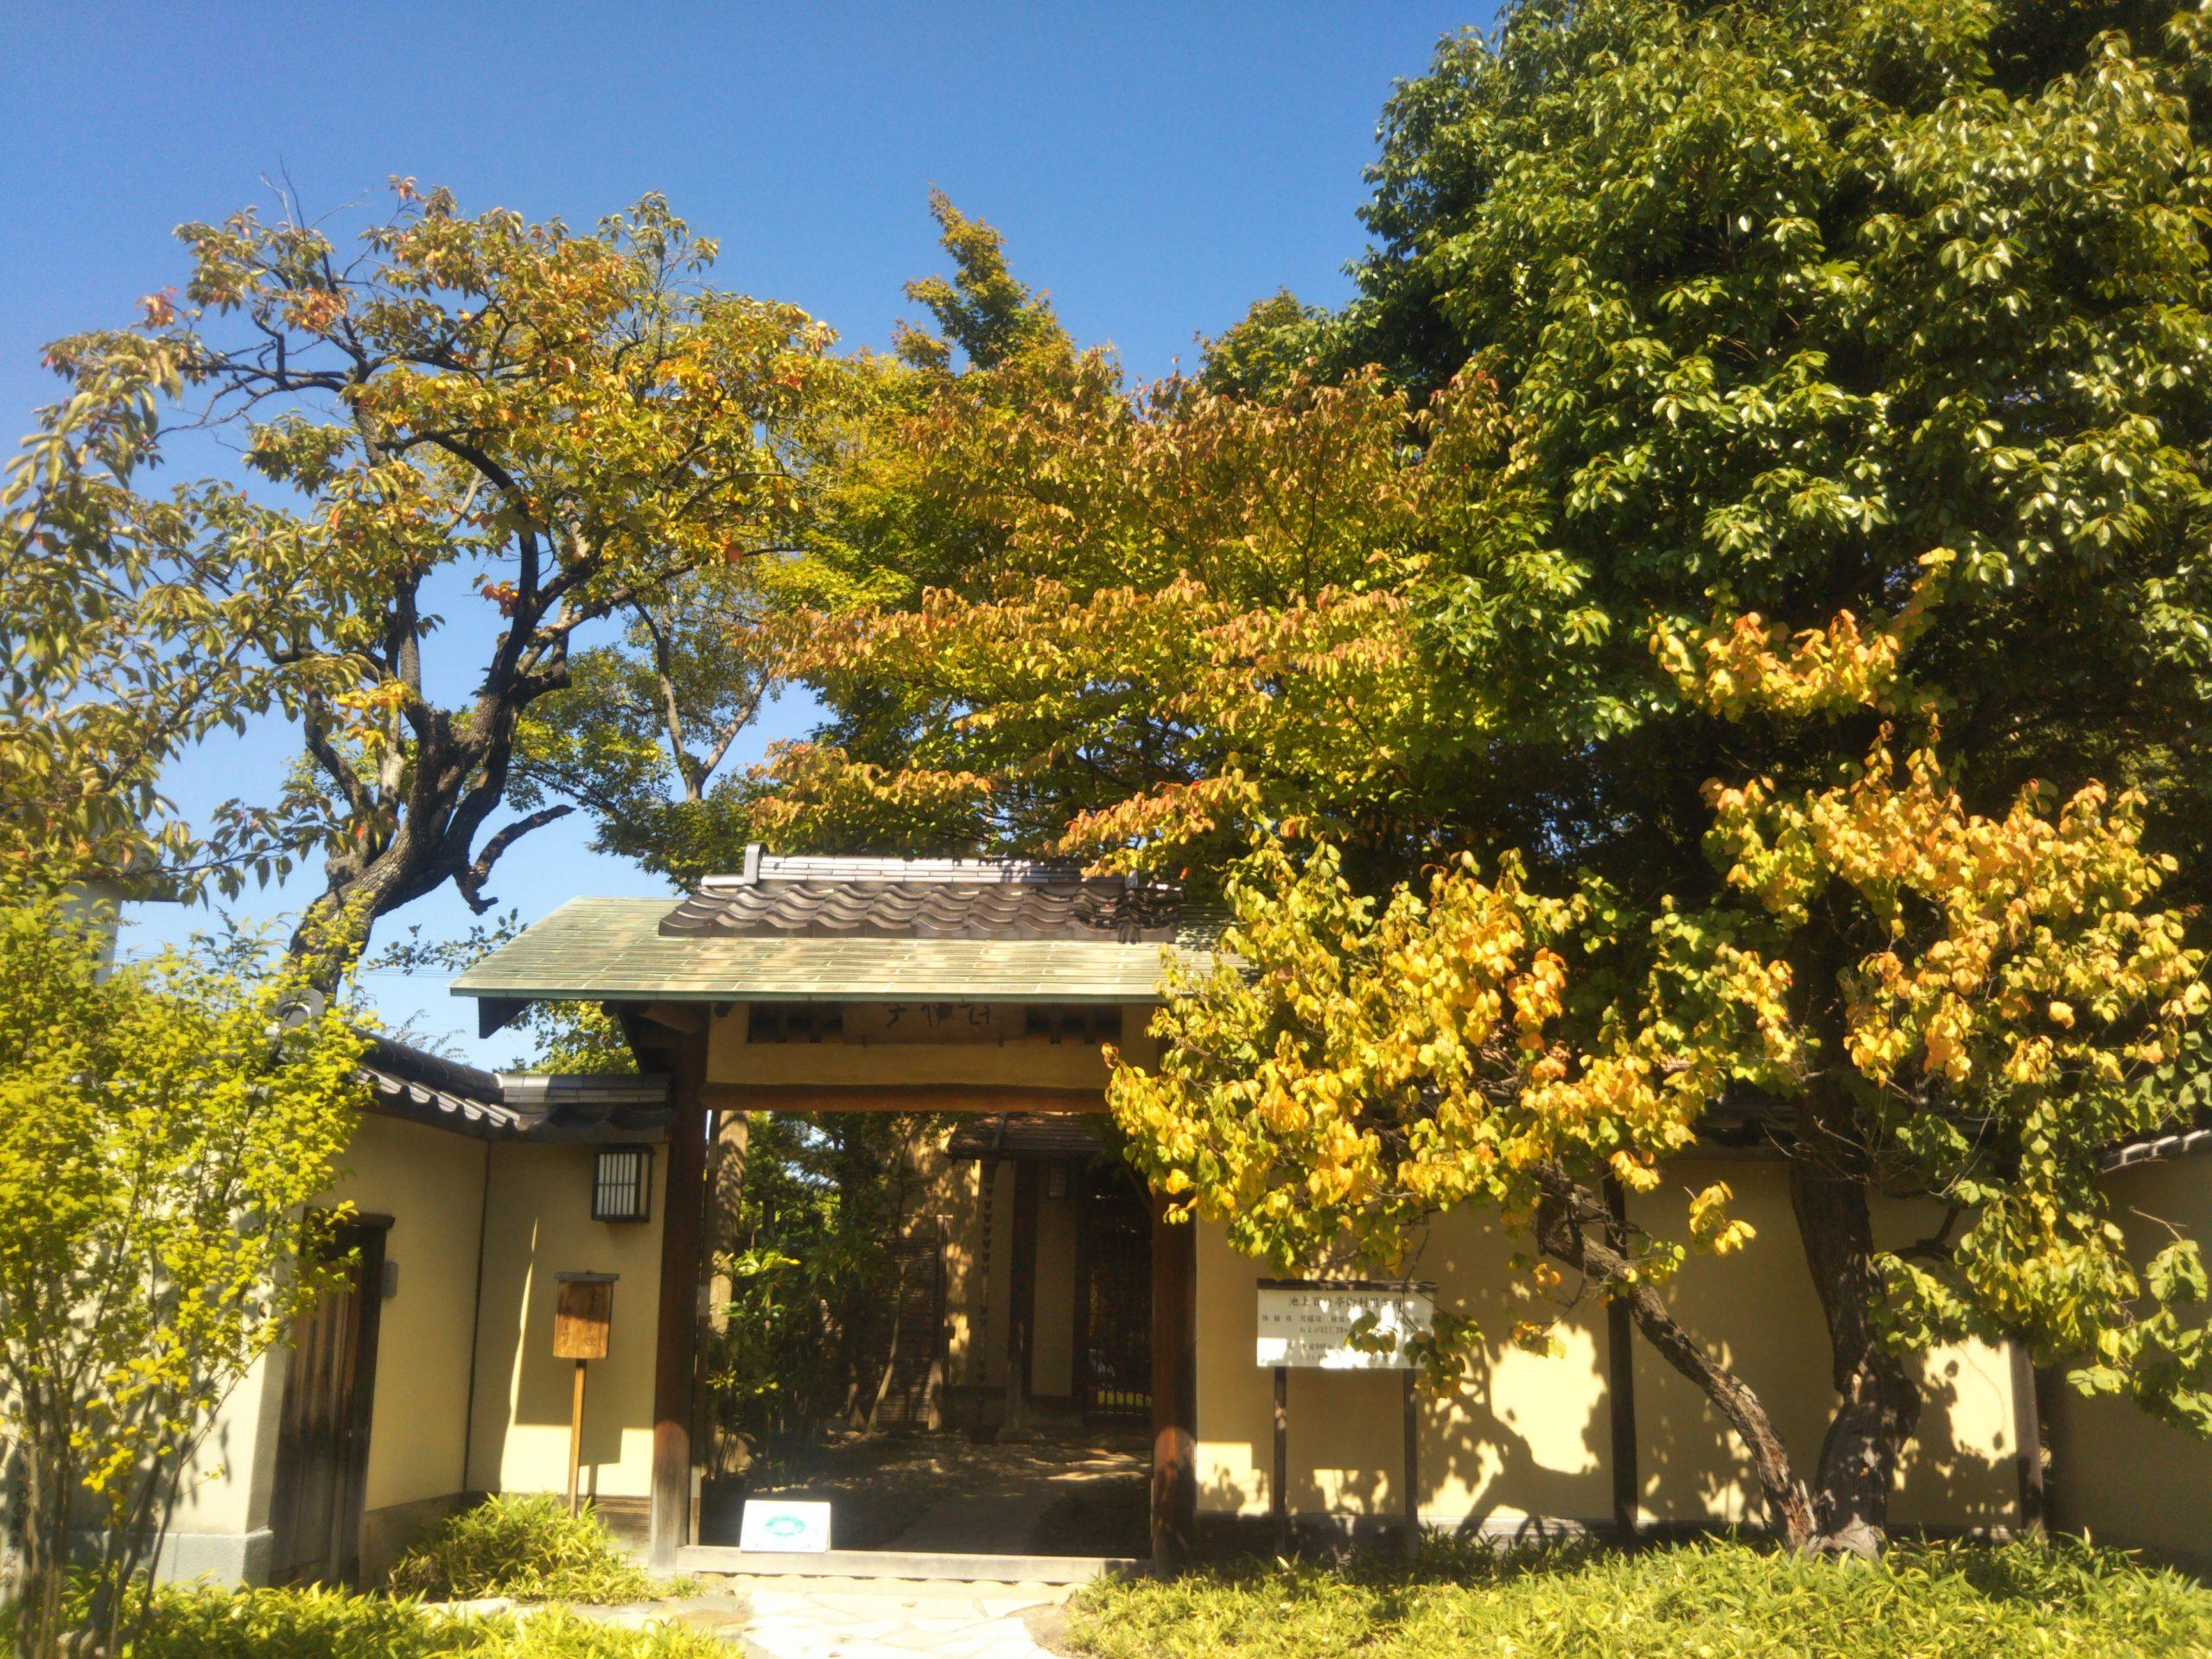 Maison de Thé Ikegami Matsumoto